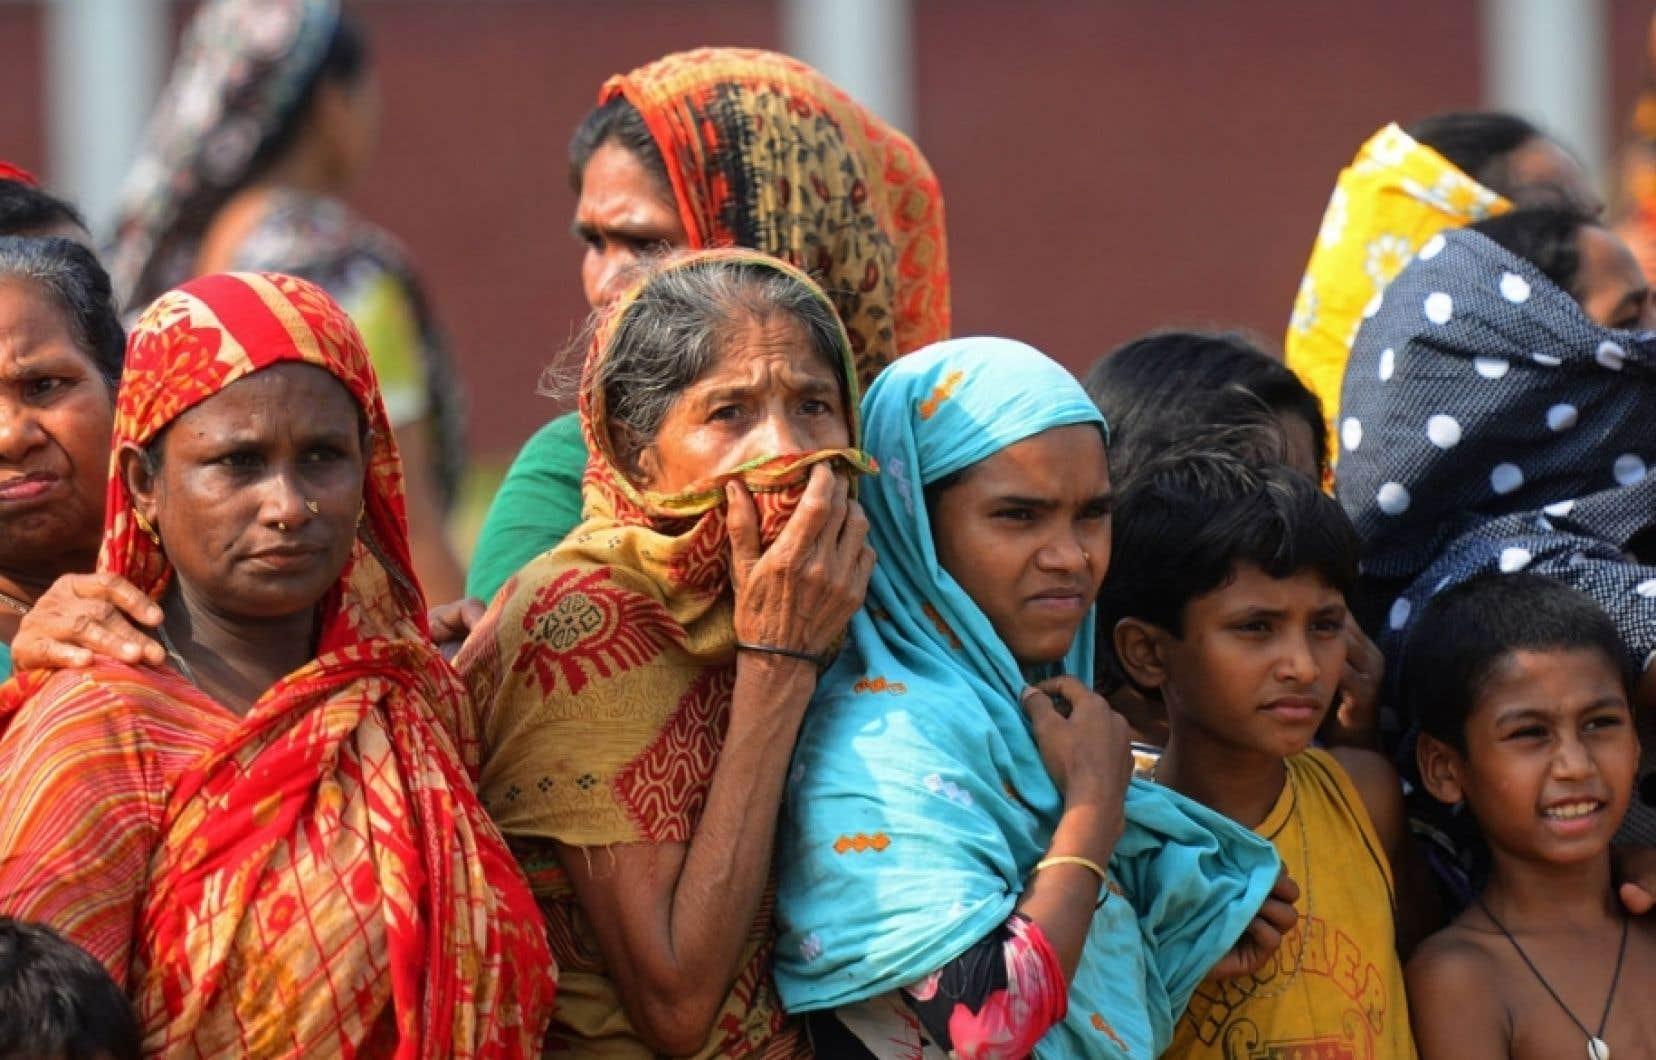 Le bilan de l'effondrement — le pire désastre industriel à être survenu au pays — a atteint 675 morts lundi, ont annoncé des responsables.